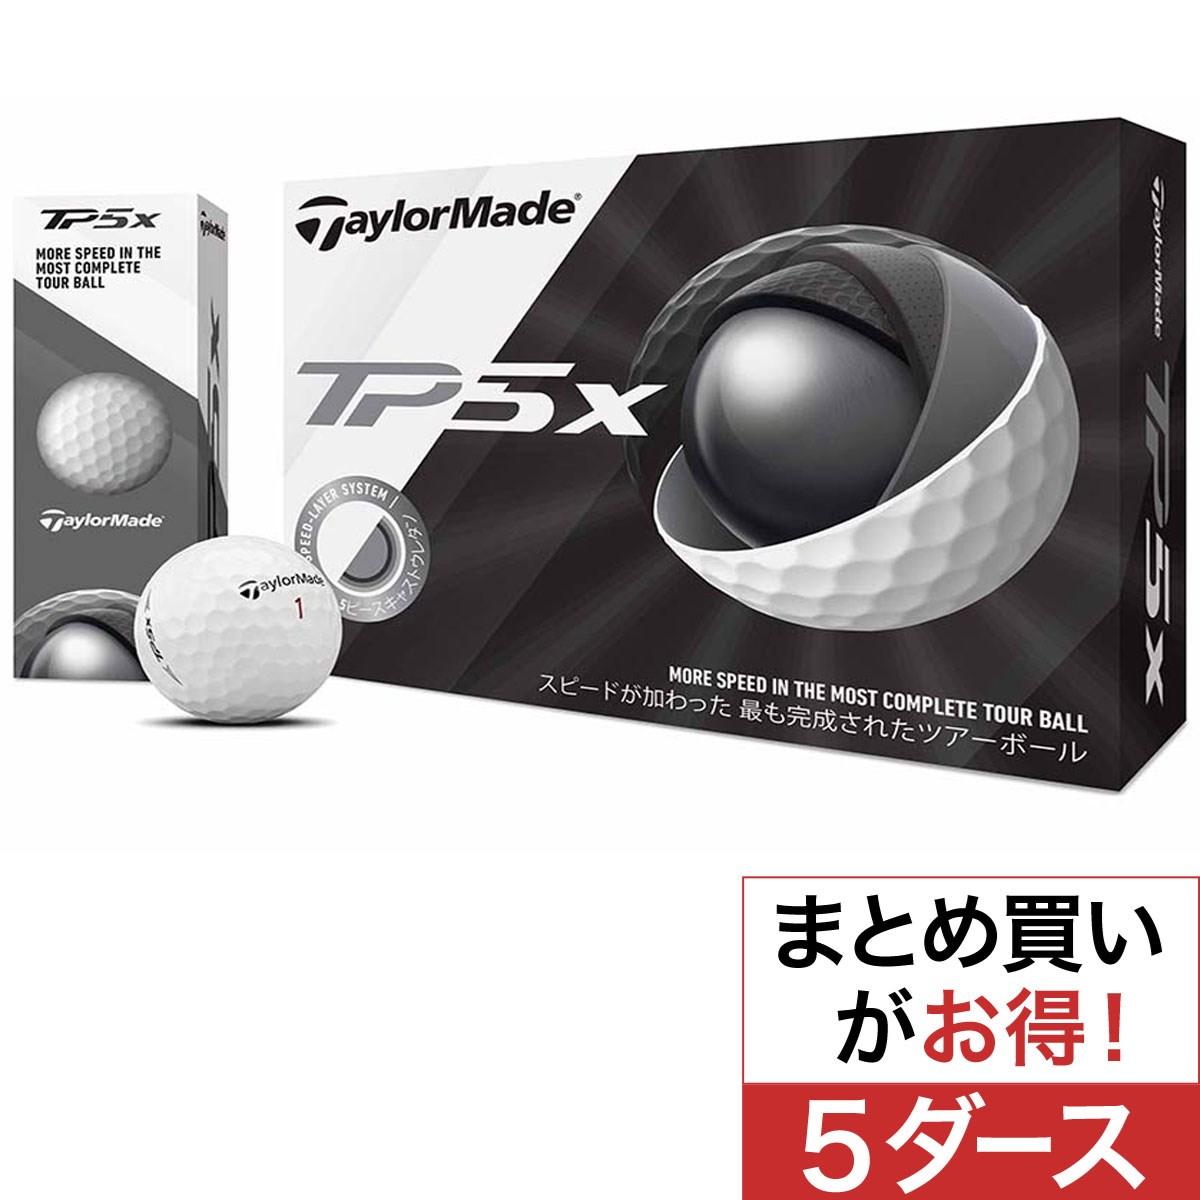 テーラーメイド(Taylor Made) TP5x ボール 5ダースセット